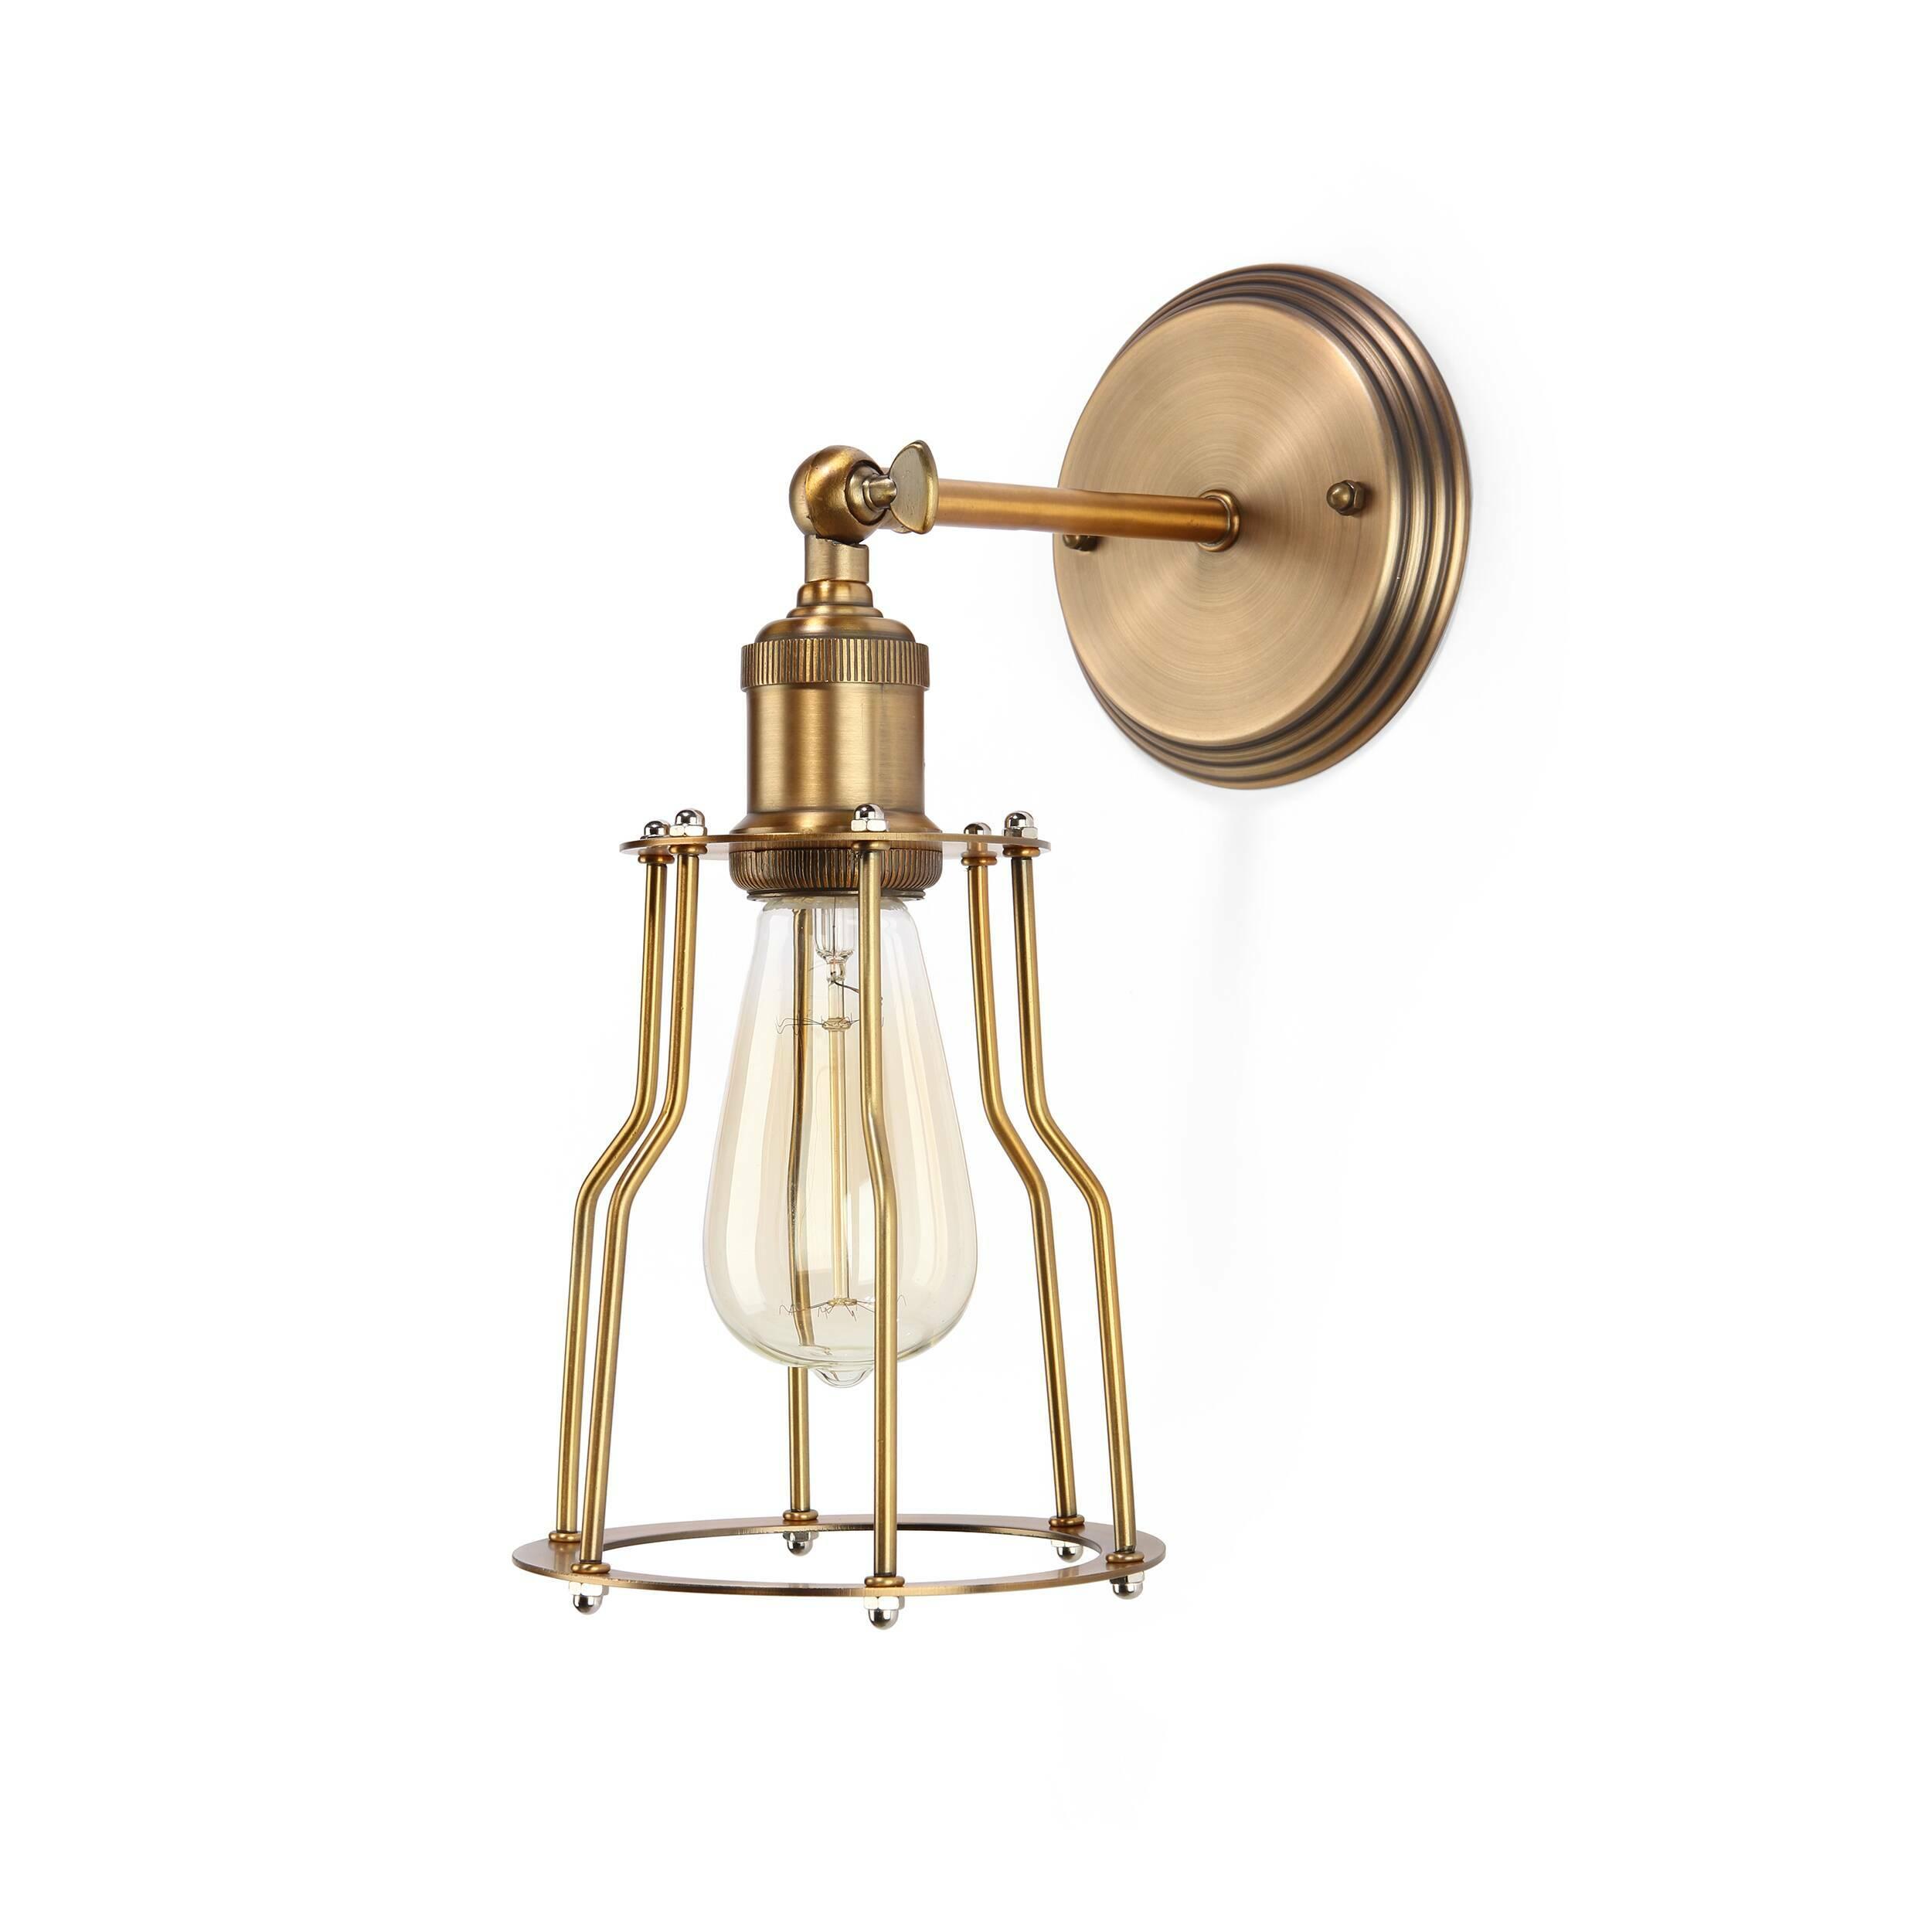 Настенный светильник Cosmo 15578050 от Cosmorelax